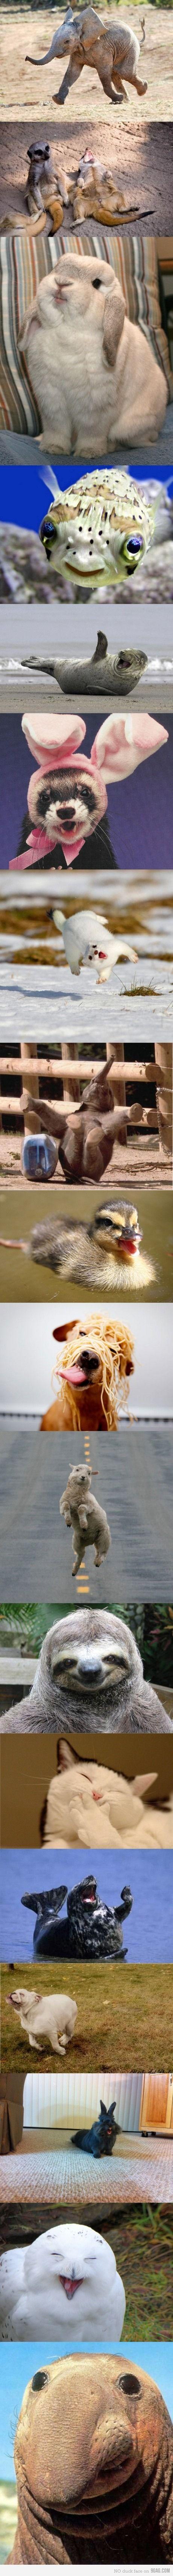 Happiest Animals